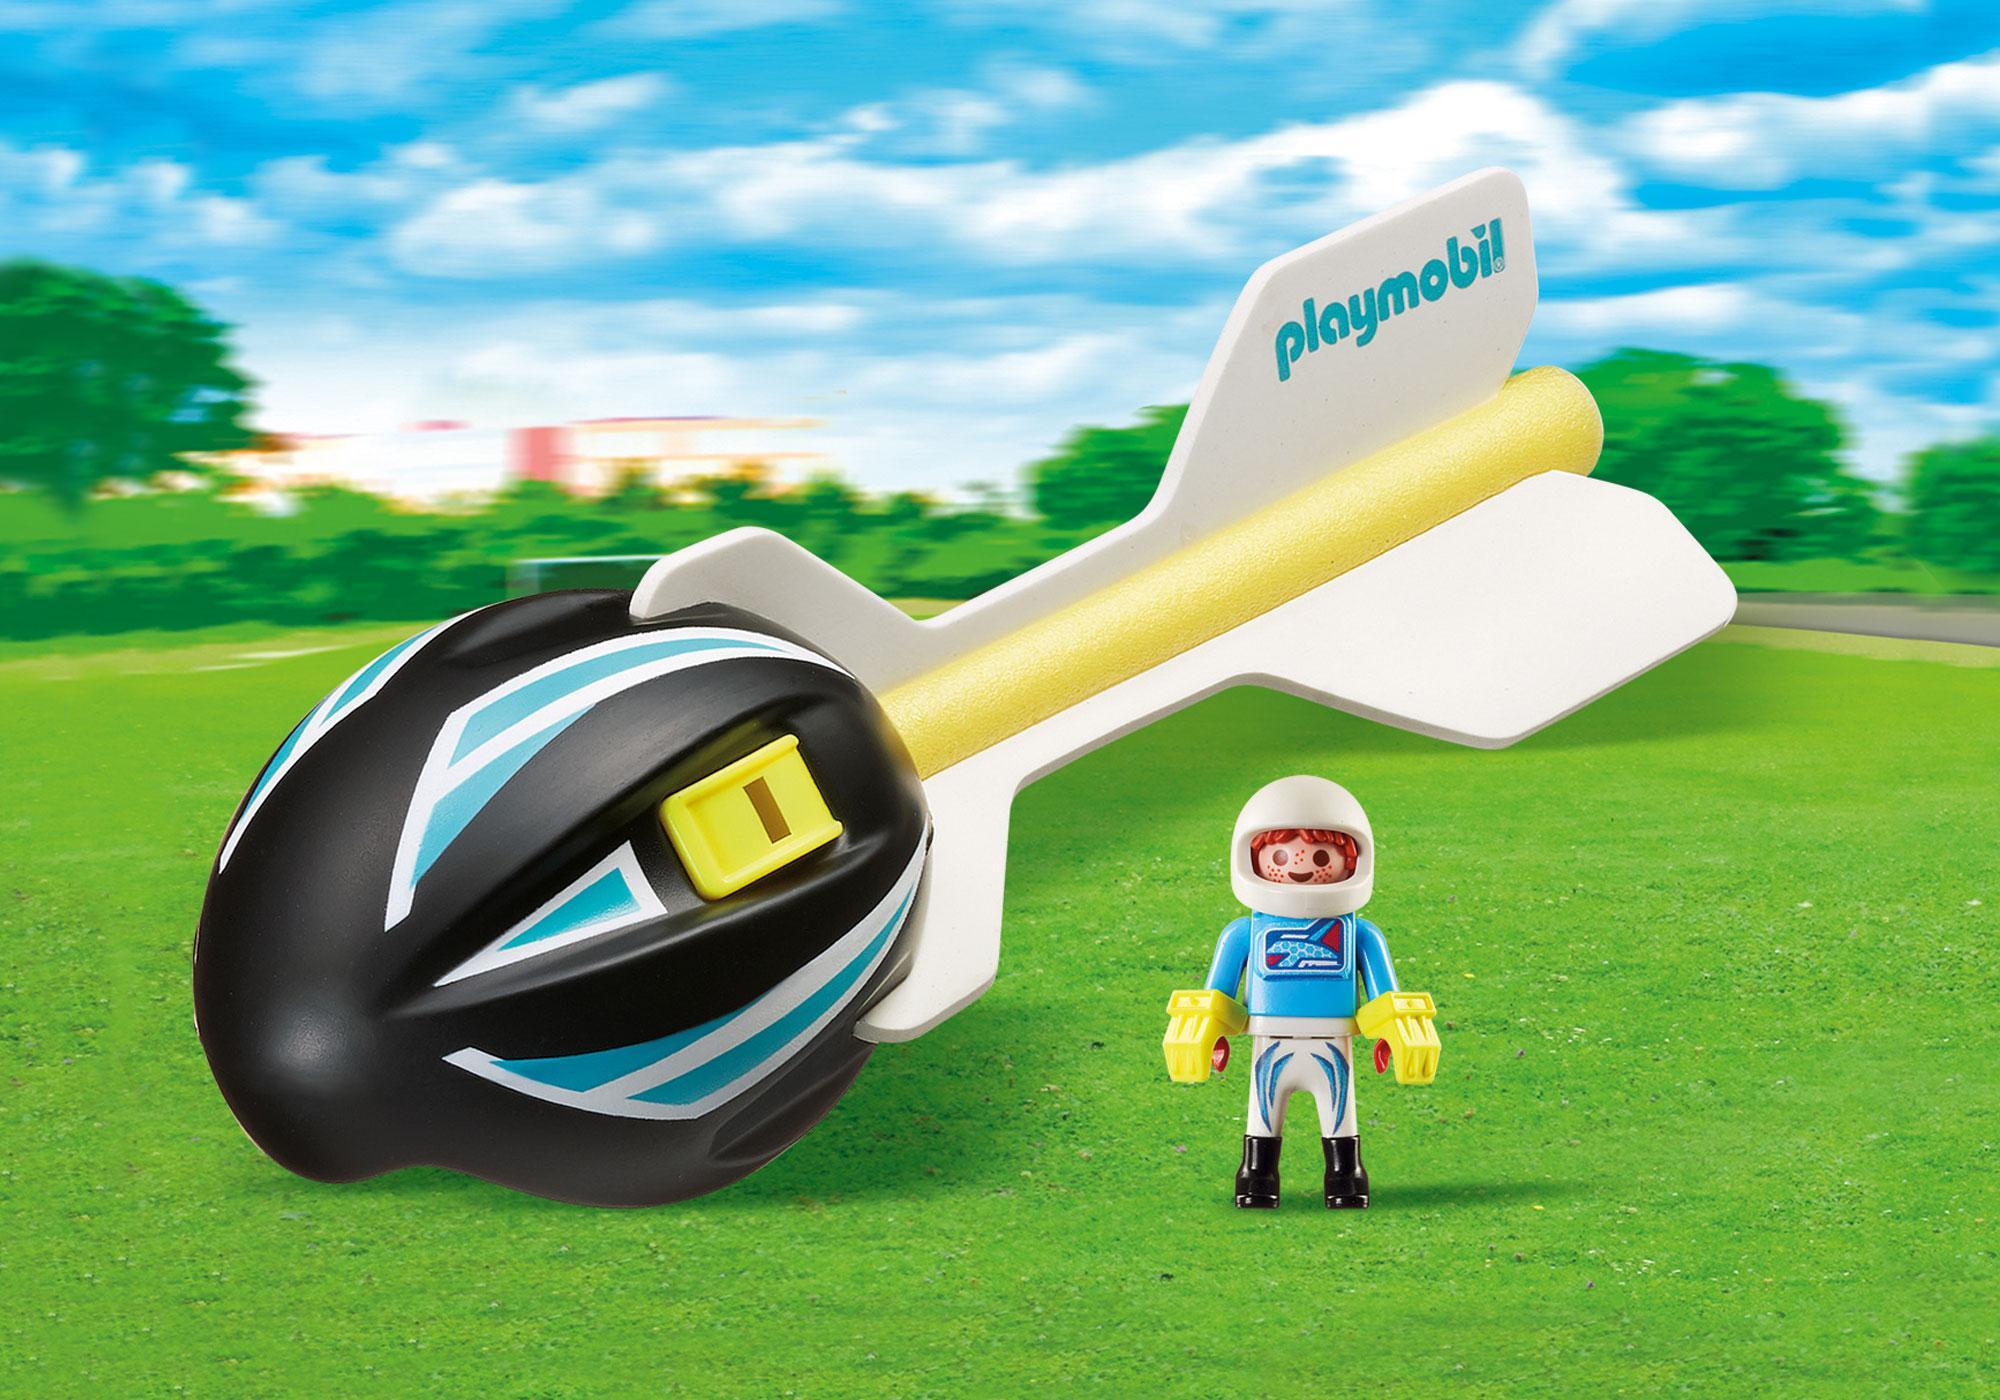 http://media.playmobil.com/i/playmobil/9374_product_extra1/Piloot met werpbal